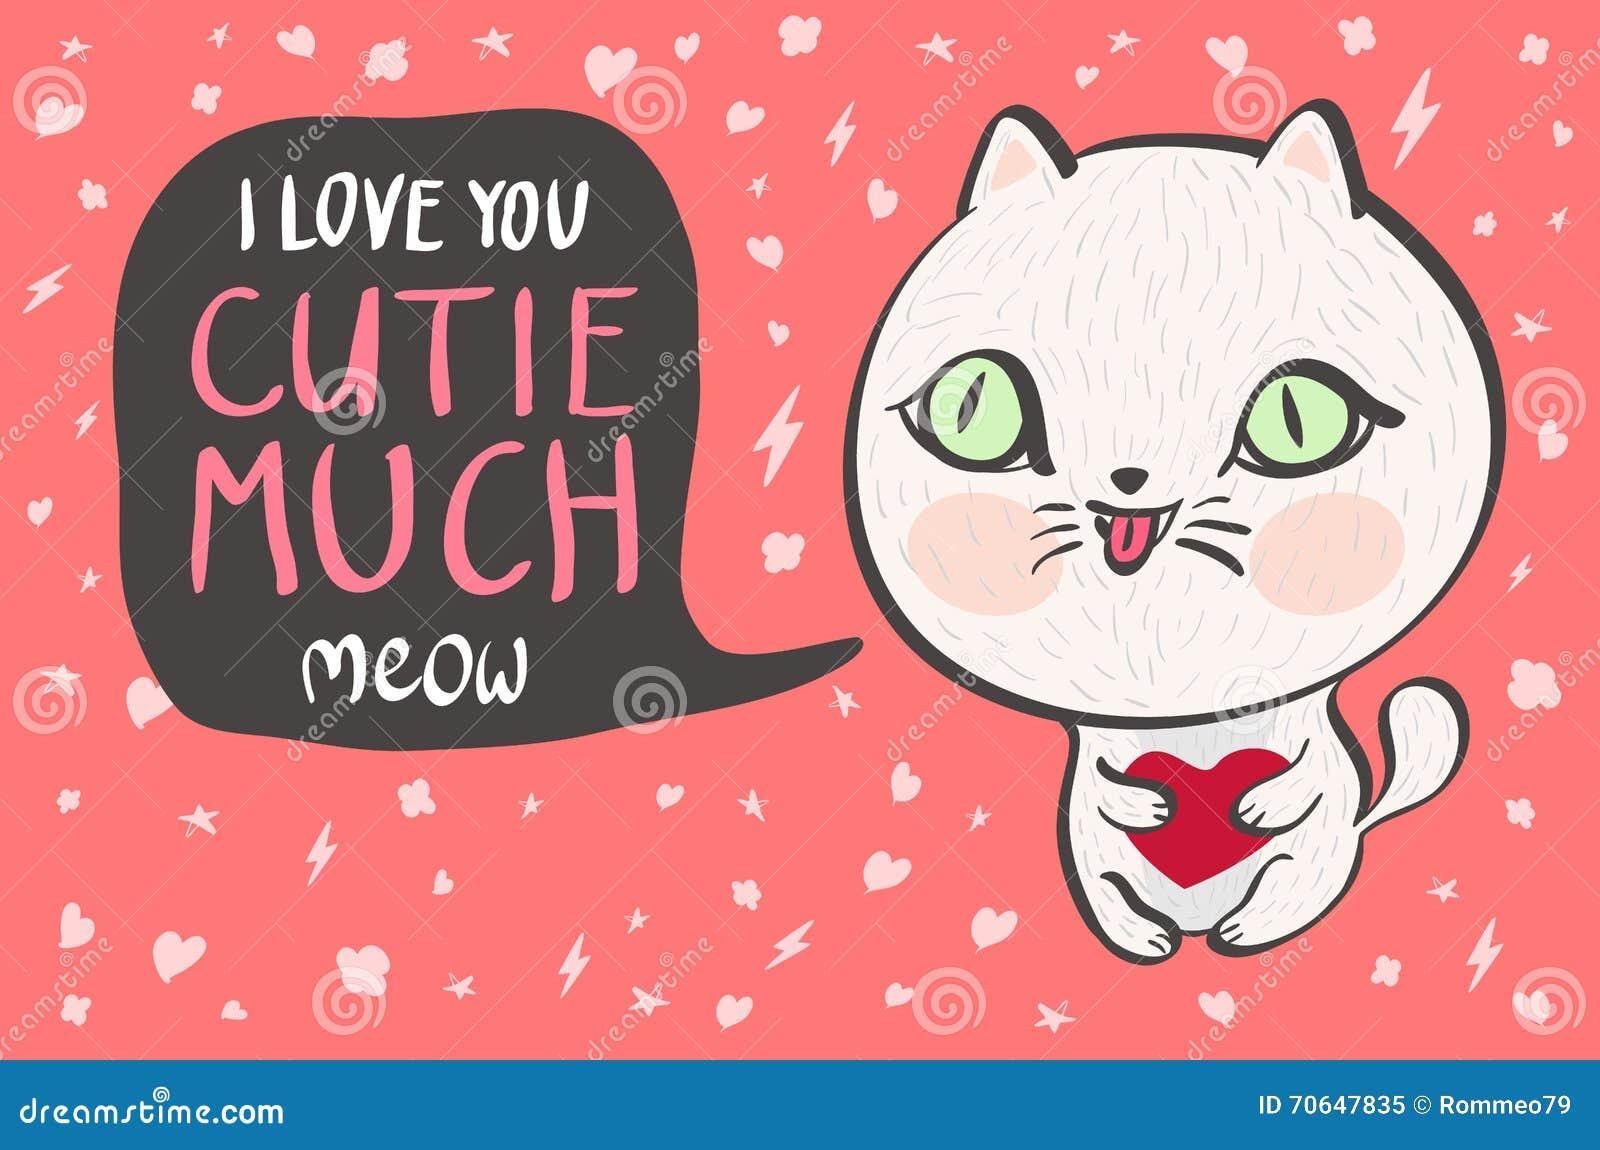 De vectorillustratie van een leuke witte kat met een hart zegt veel I-liefde u cutie Leuke romantische illustratie met grappige t